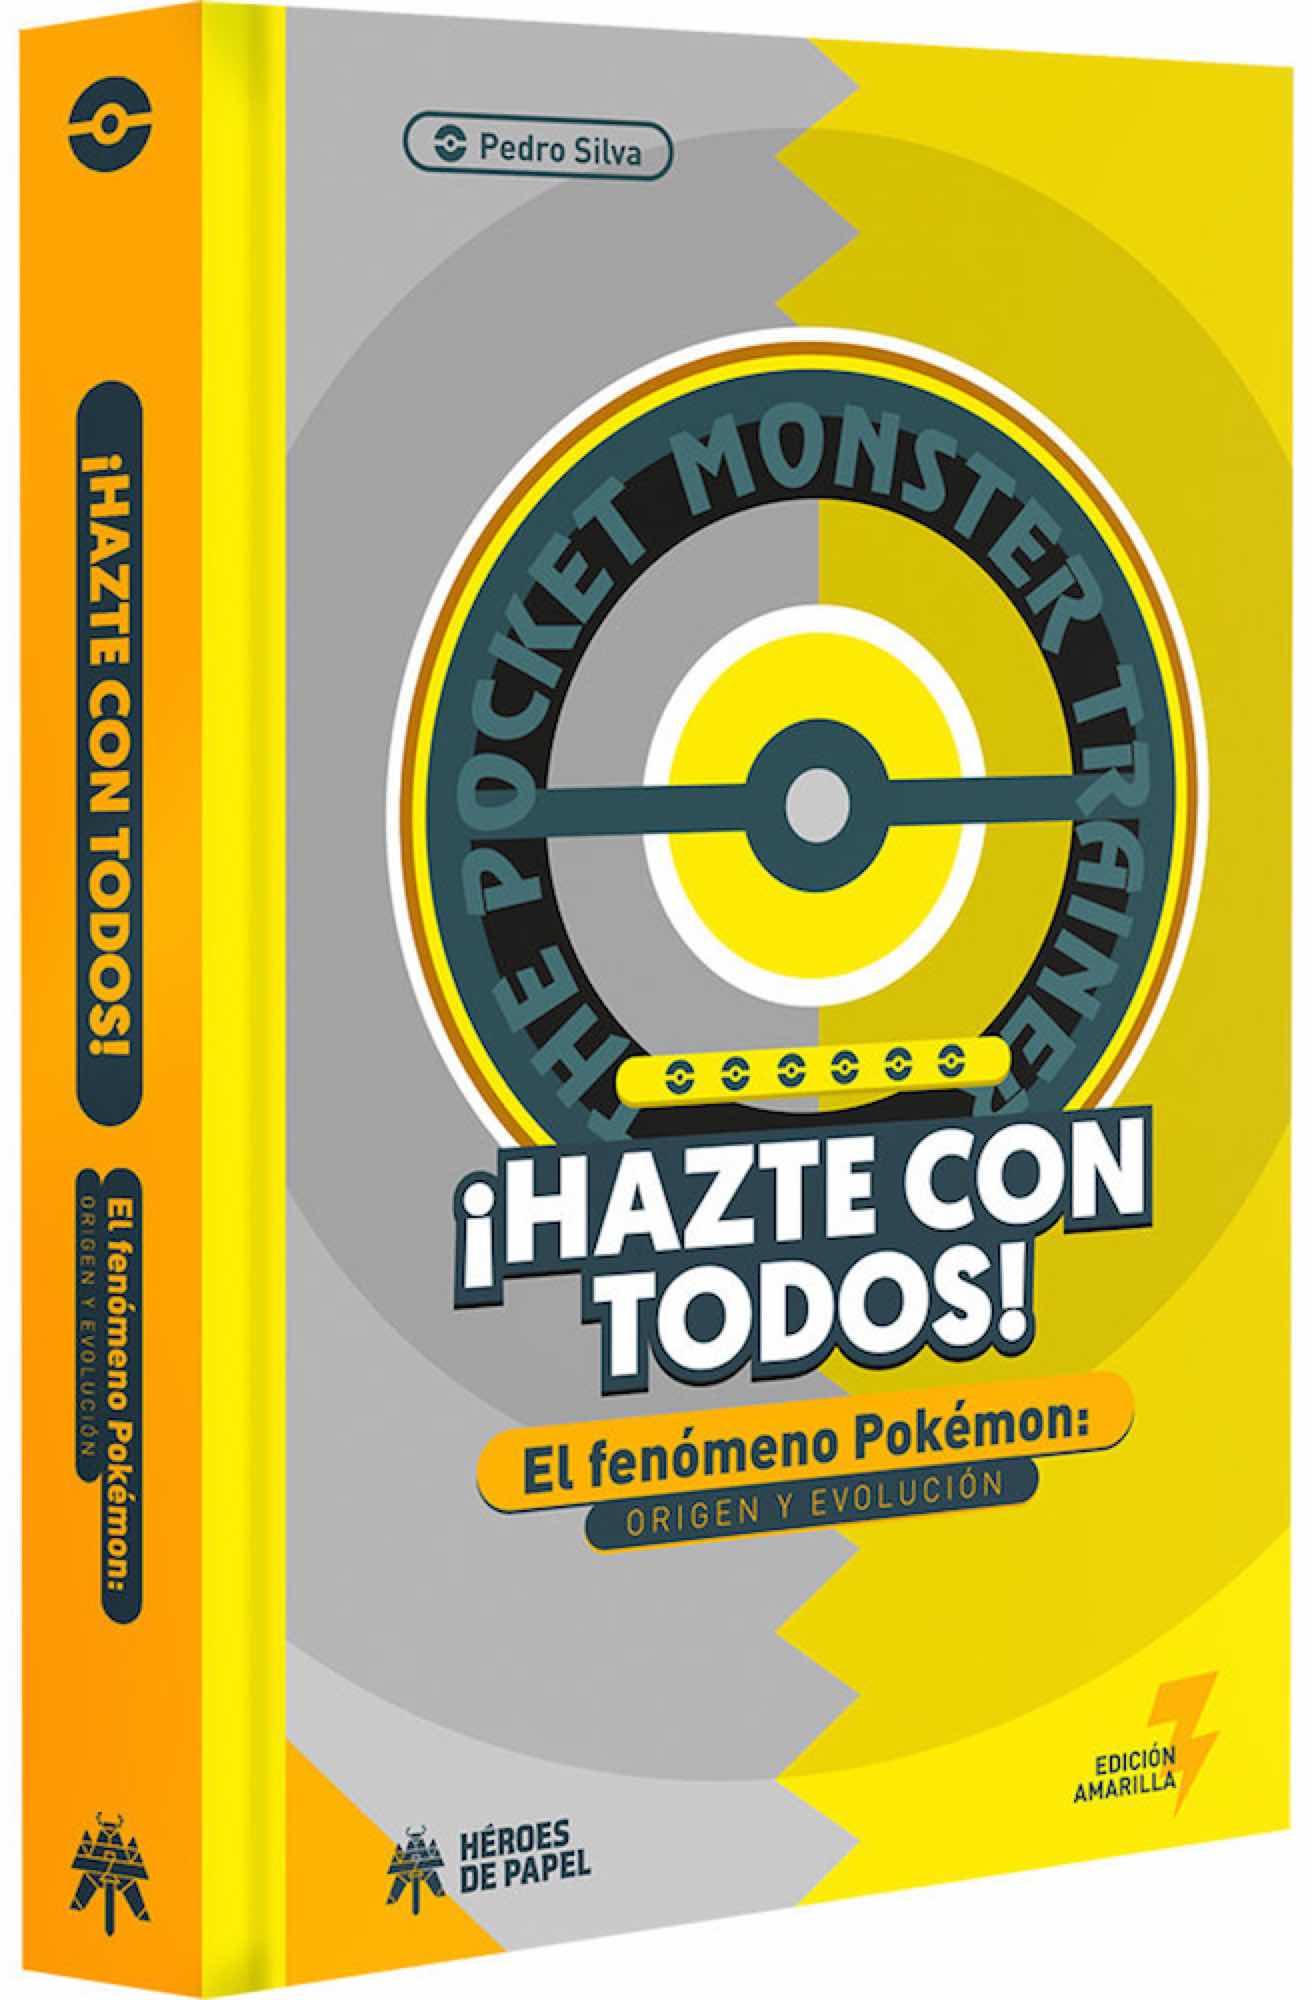 ¡HAZTE CON TODOS! EL FENOMENO POKEMON: ORIGEN Y EVOLUCION